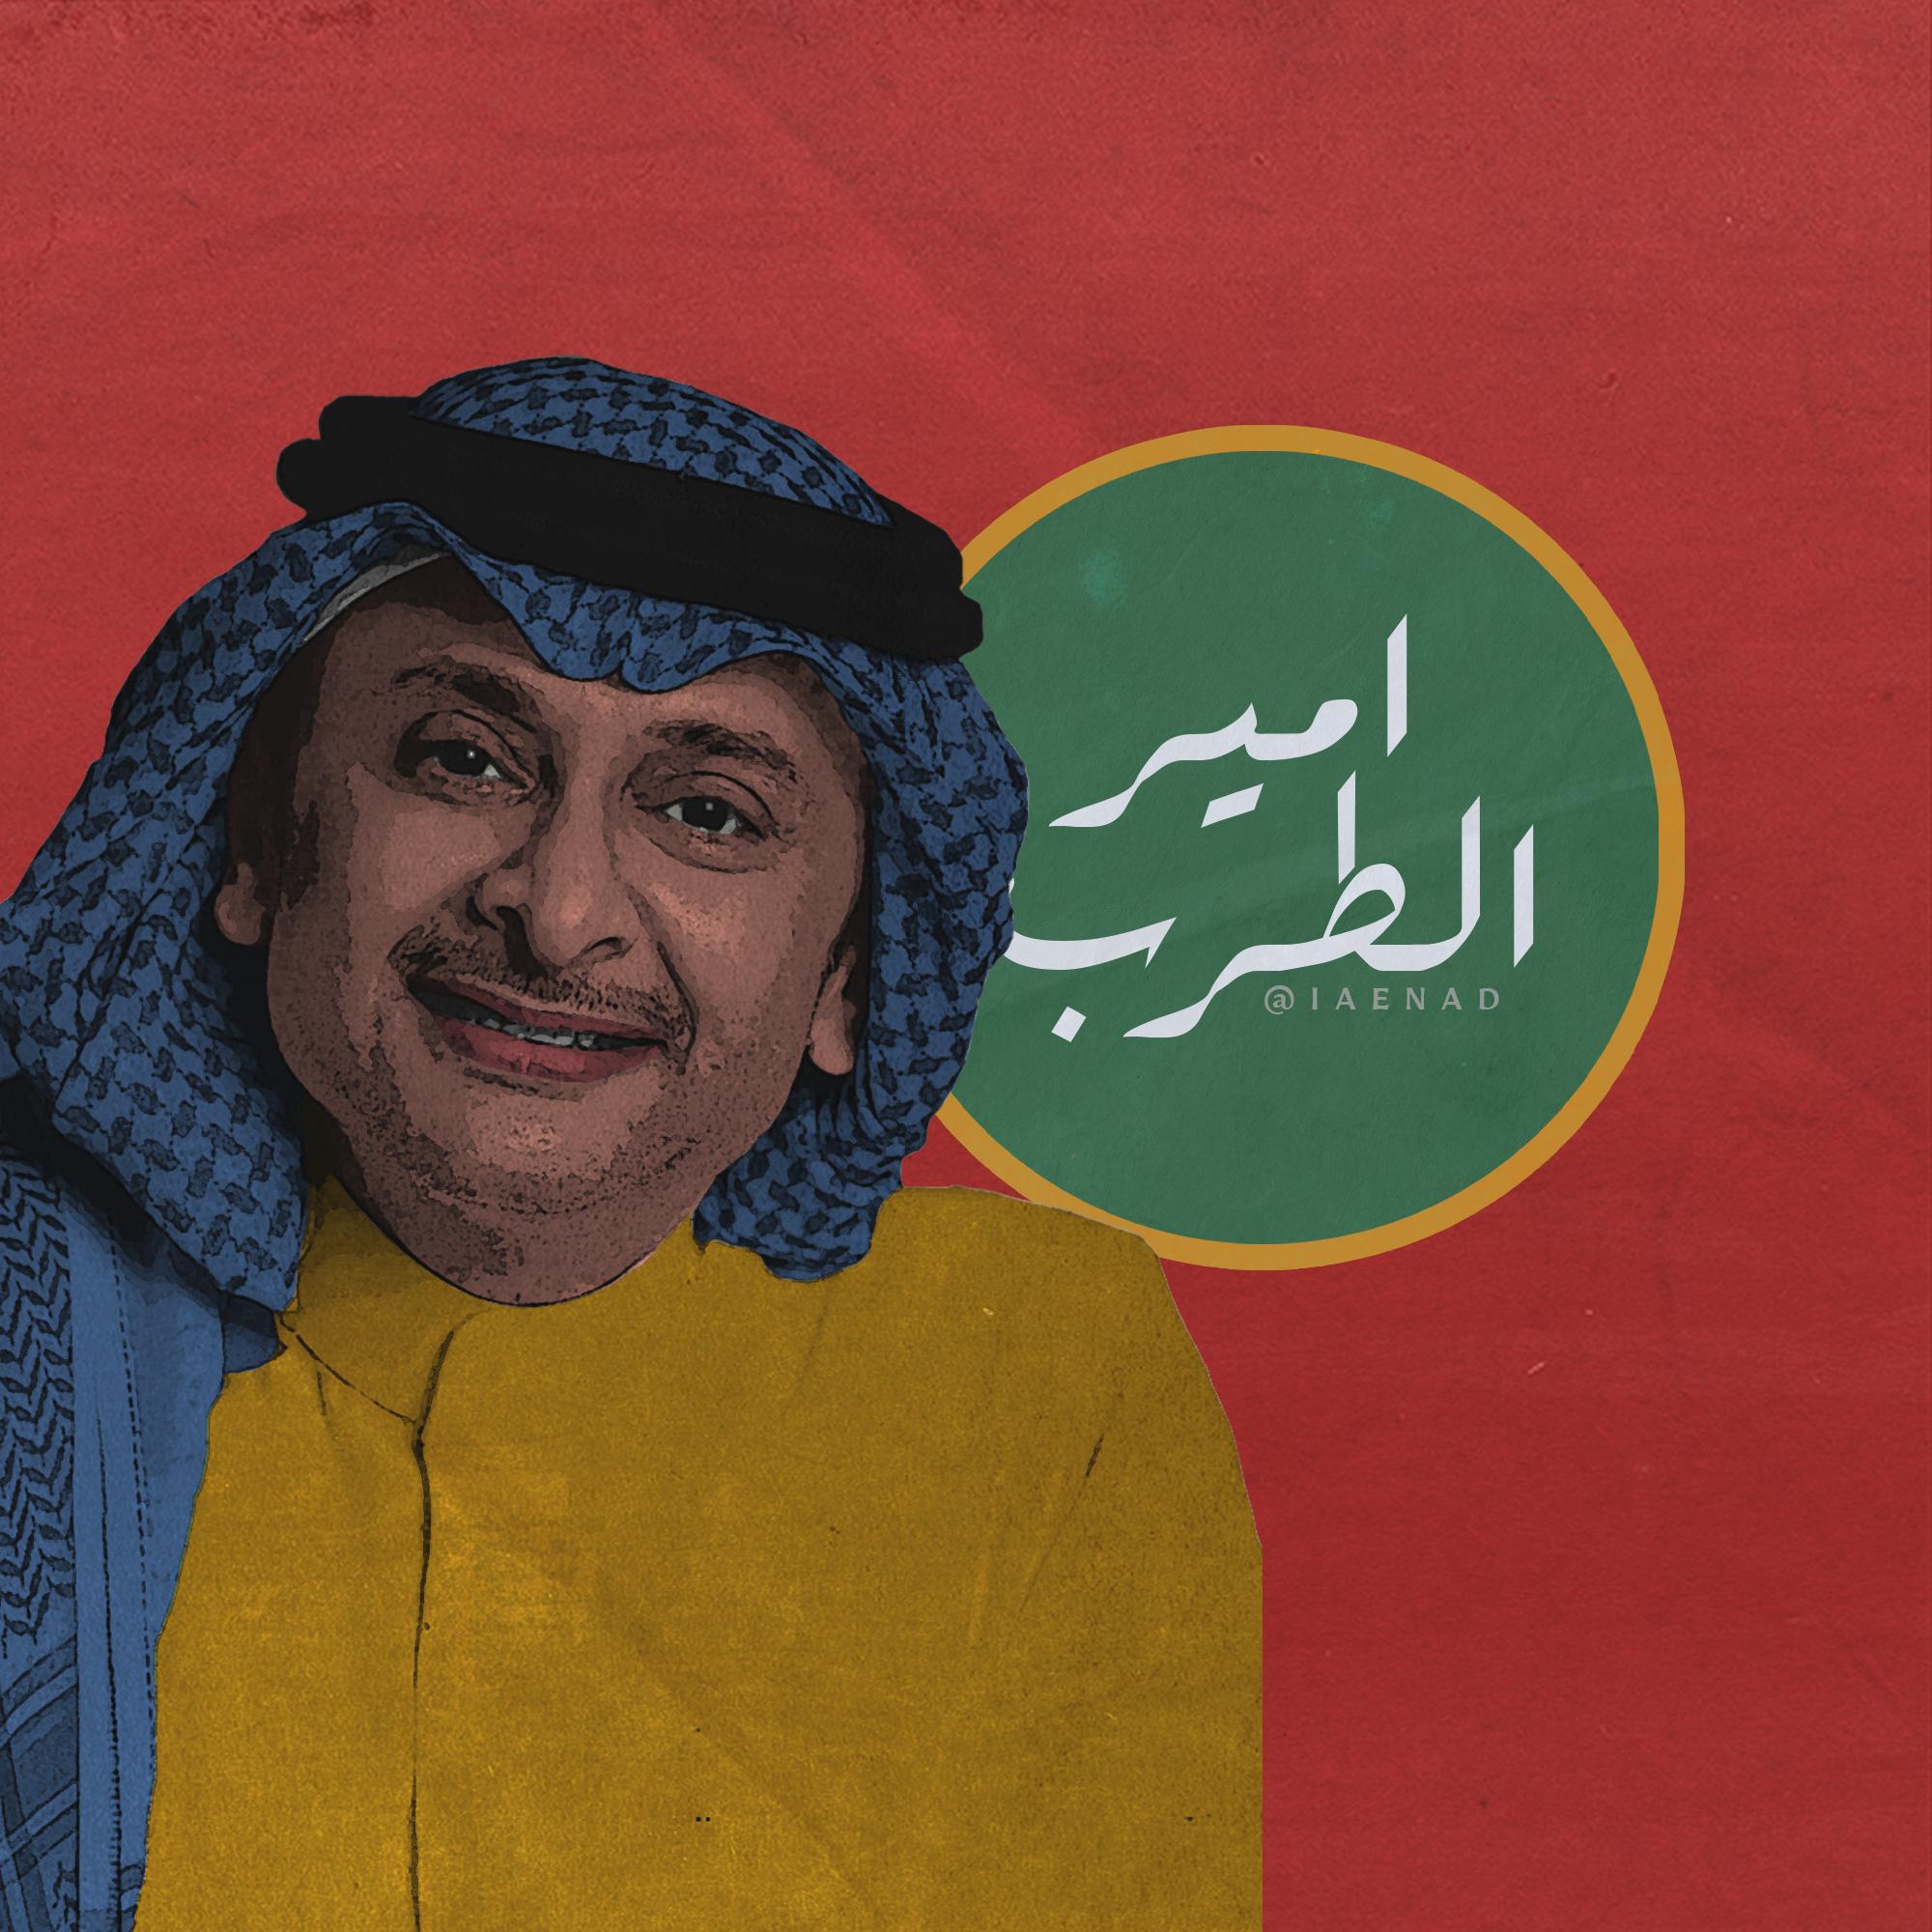 عبدالمجيد عبدالله Cute Friend Pictures Funny Art Art Wallpaper Iphone